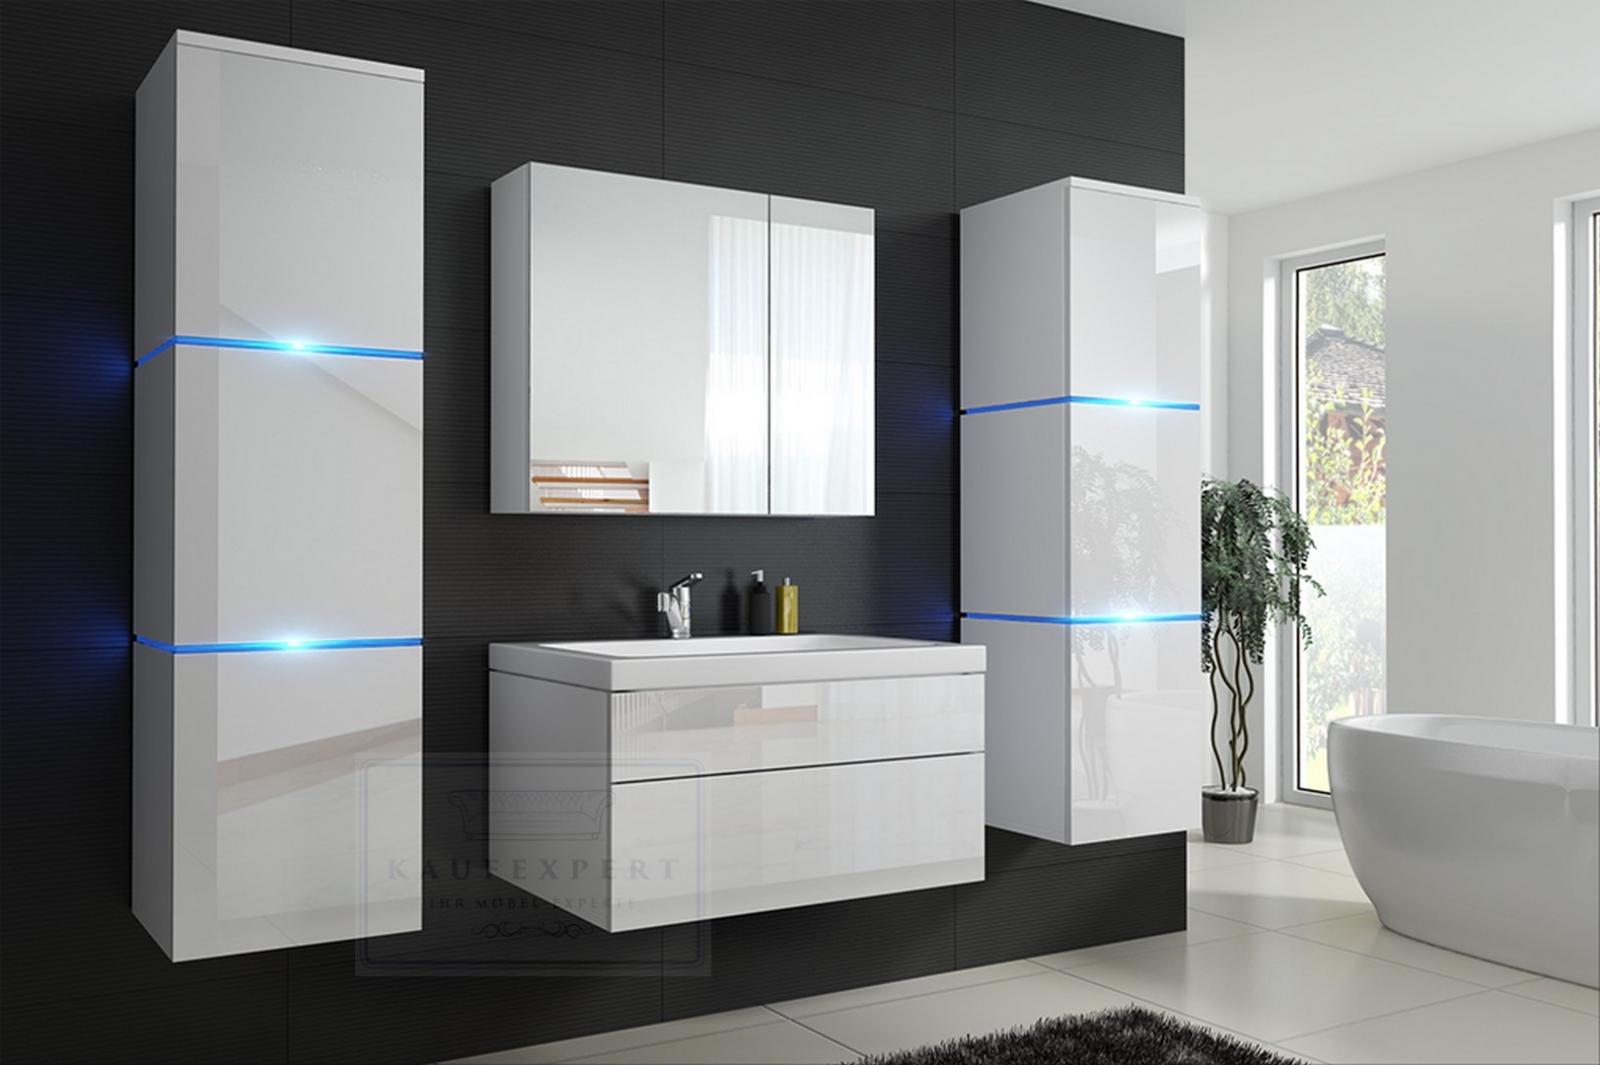 kaufexpert badm bel set lux new wei hochglanz keramik waschbecken badezimmer led beleuchtung. Black Bedroom Furniture Sets. Home Design Ideas